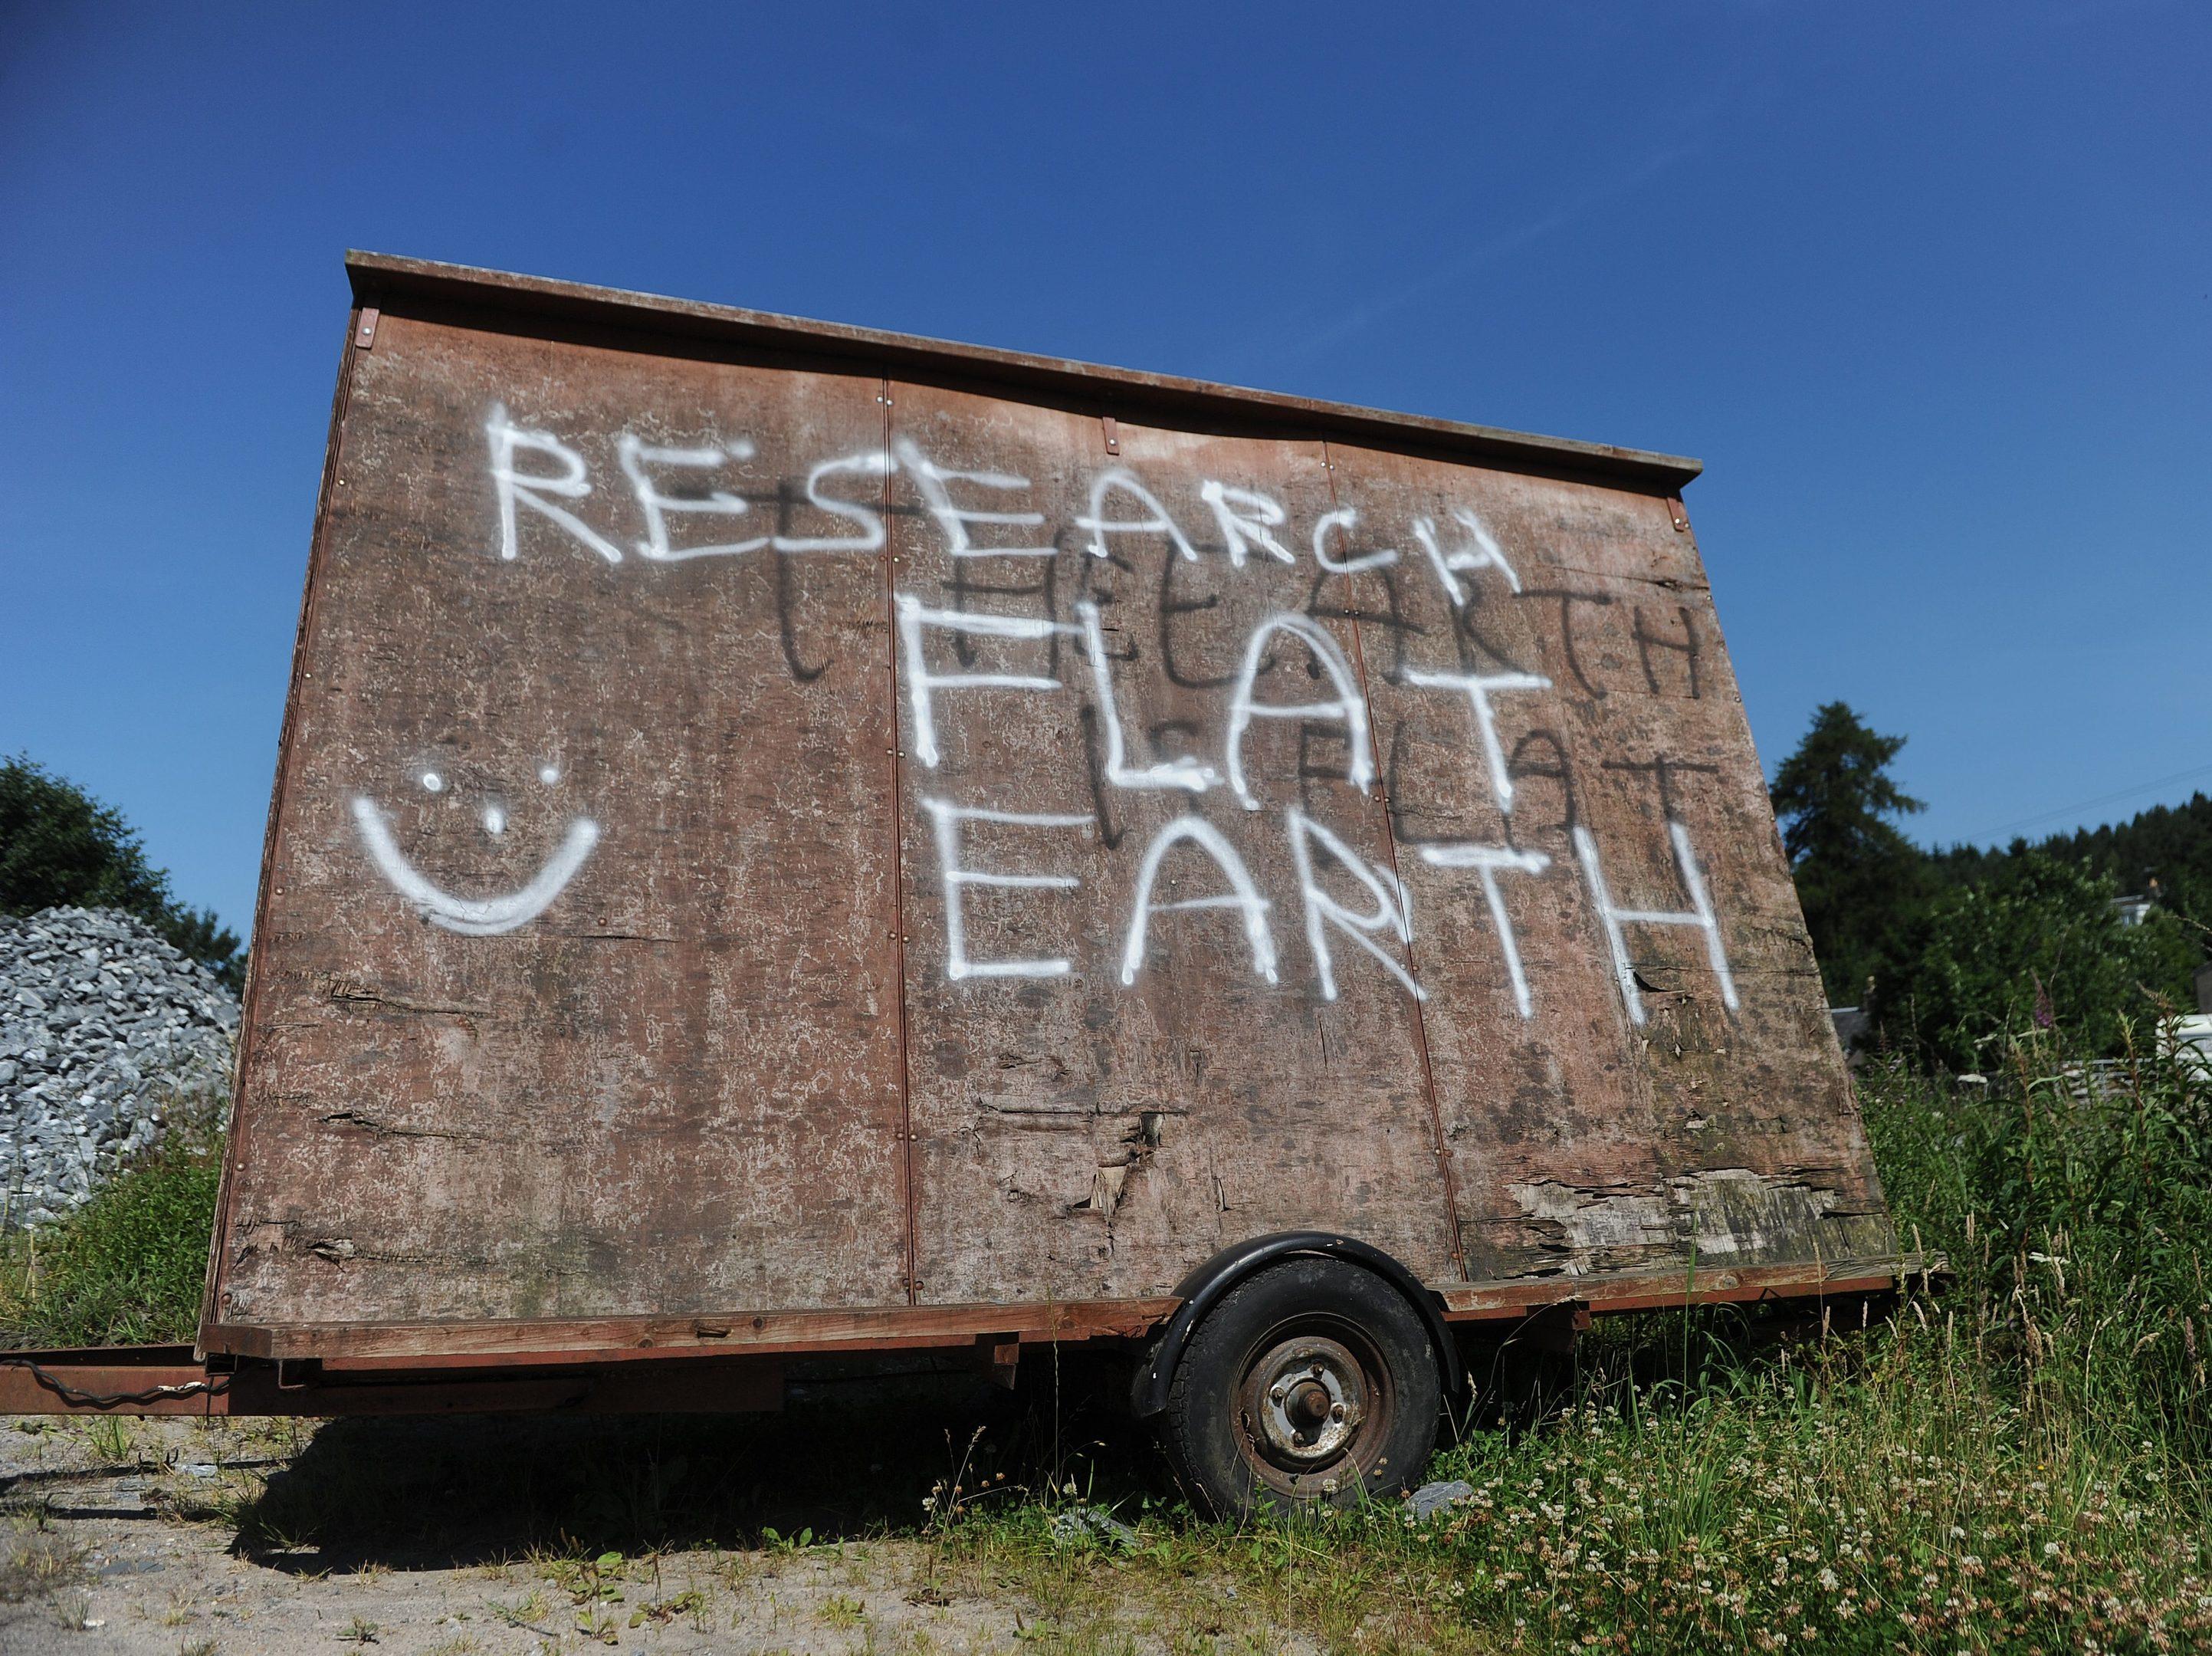 Flat earth graffiti in Perthshire,